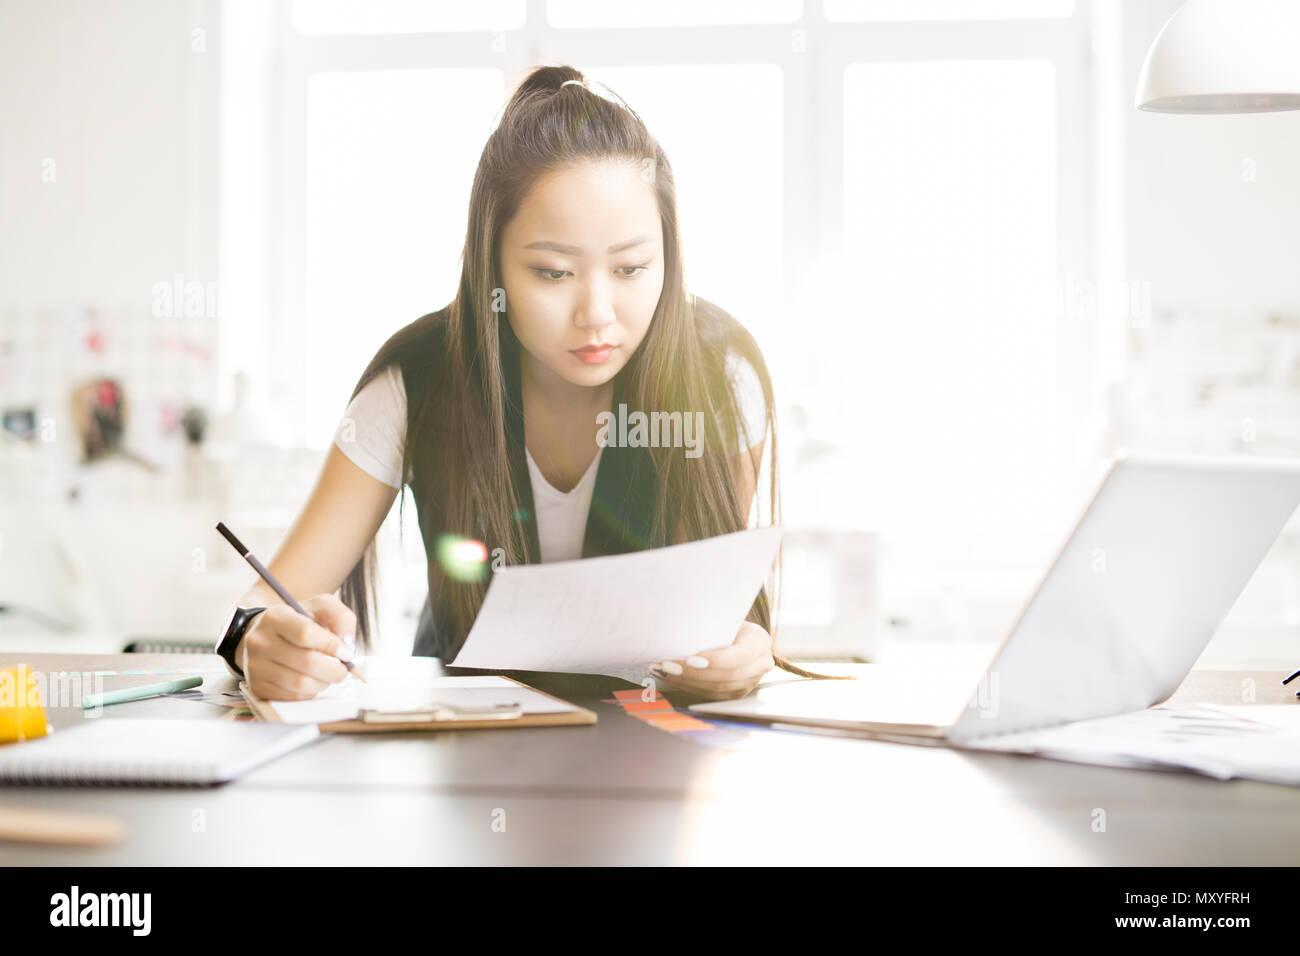 Portrait der fokussierten kreative asiatische Frau Skizzen für beim Stehen bei der Arbeit Tabelle in sunlit Fashion Design Atelier, lens flare Stockbild